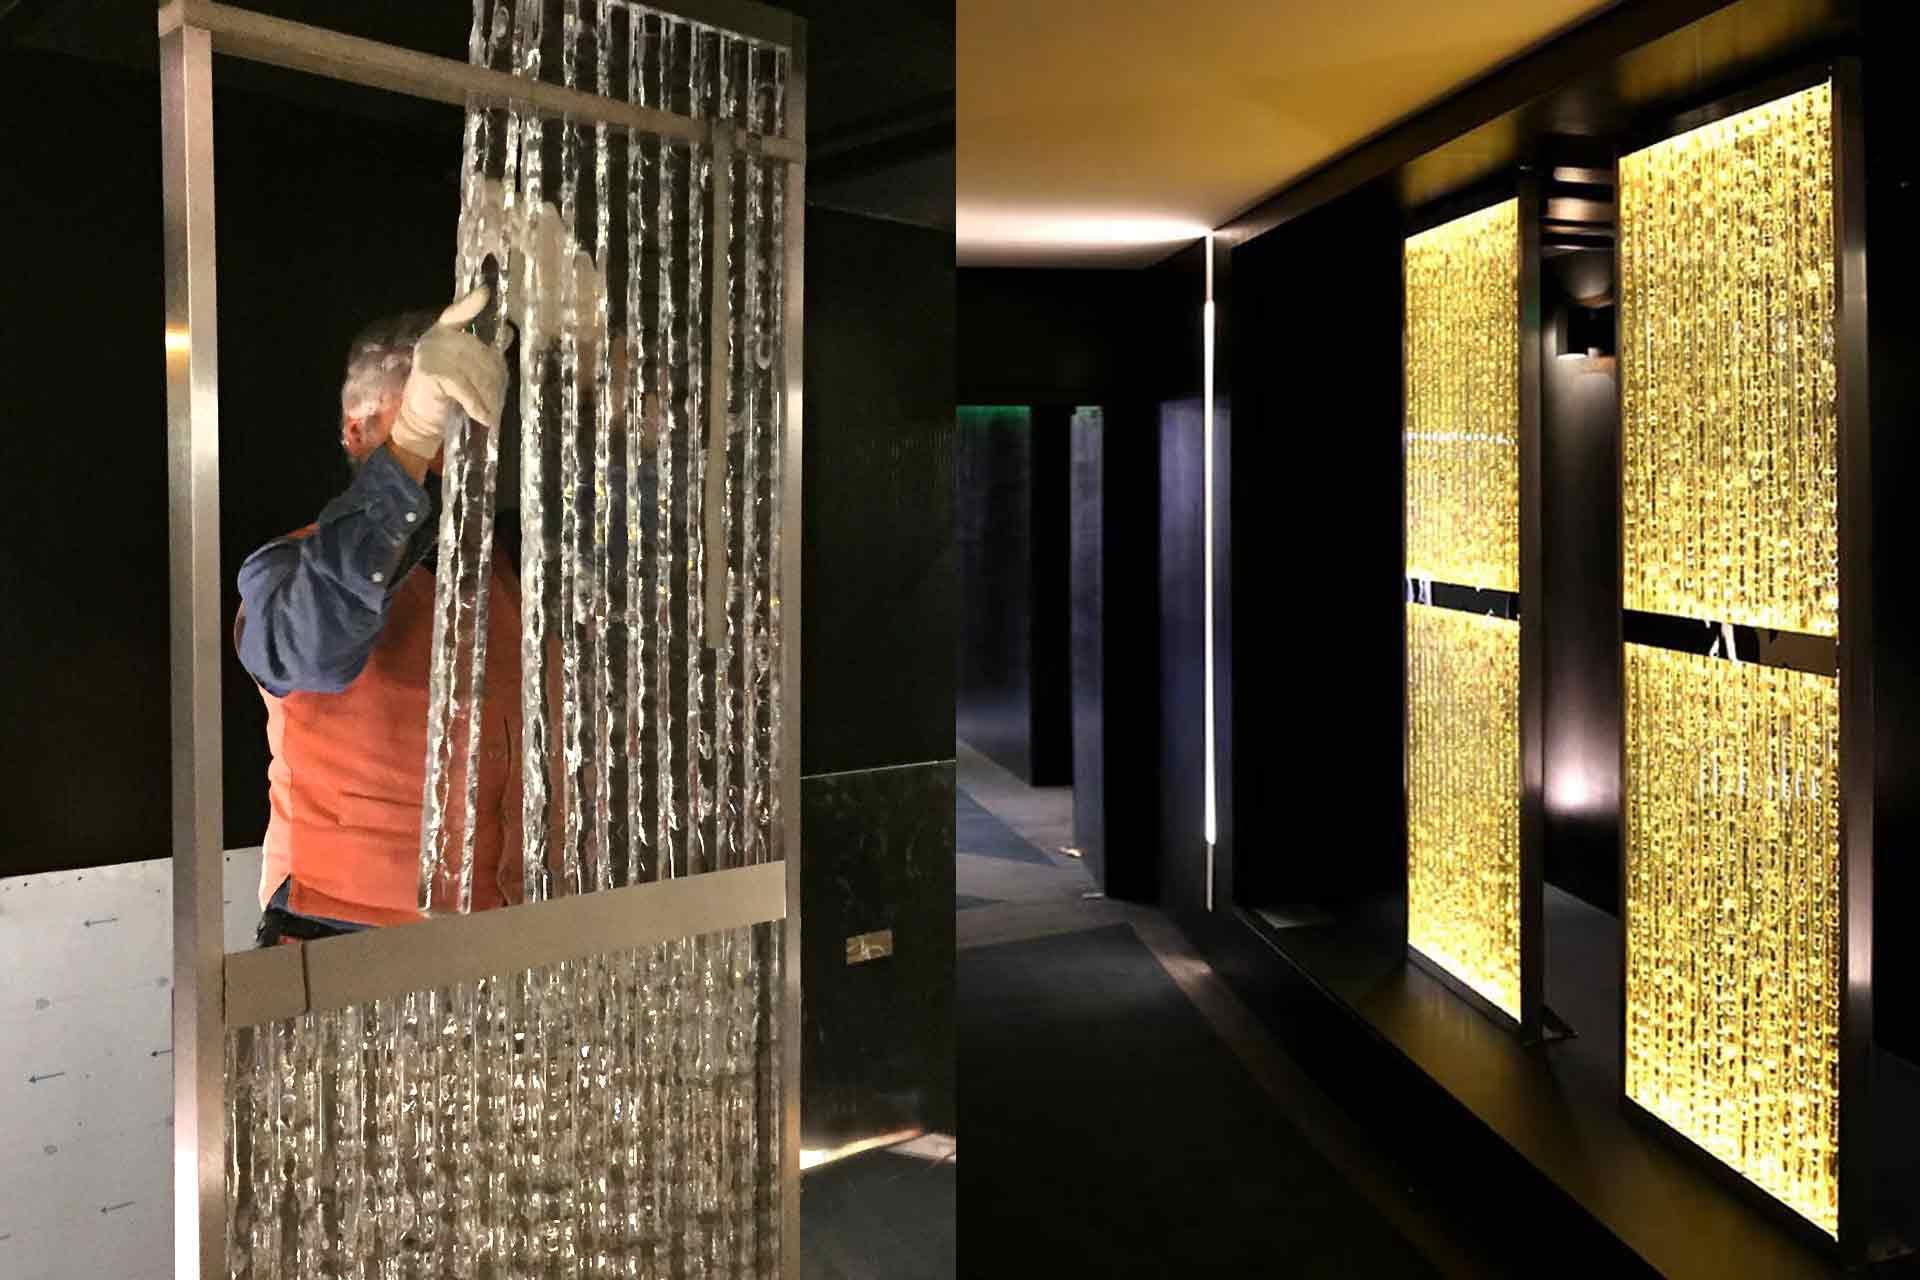 Parois lumineuses pour murs réalisées en bandeaux de verre écaillé par le Maître Verrier Olivier Juteau